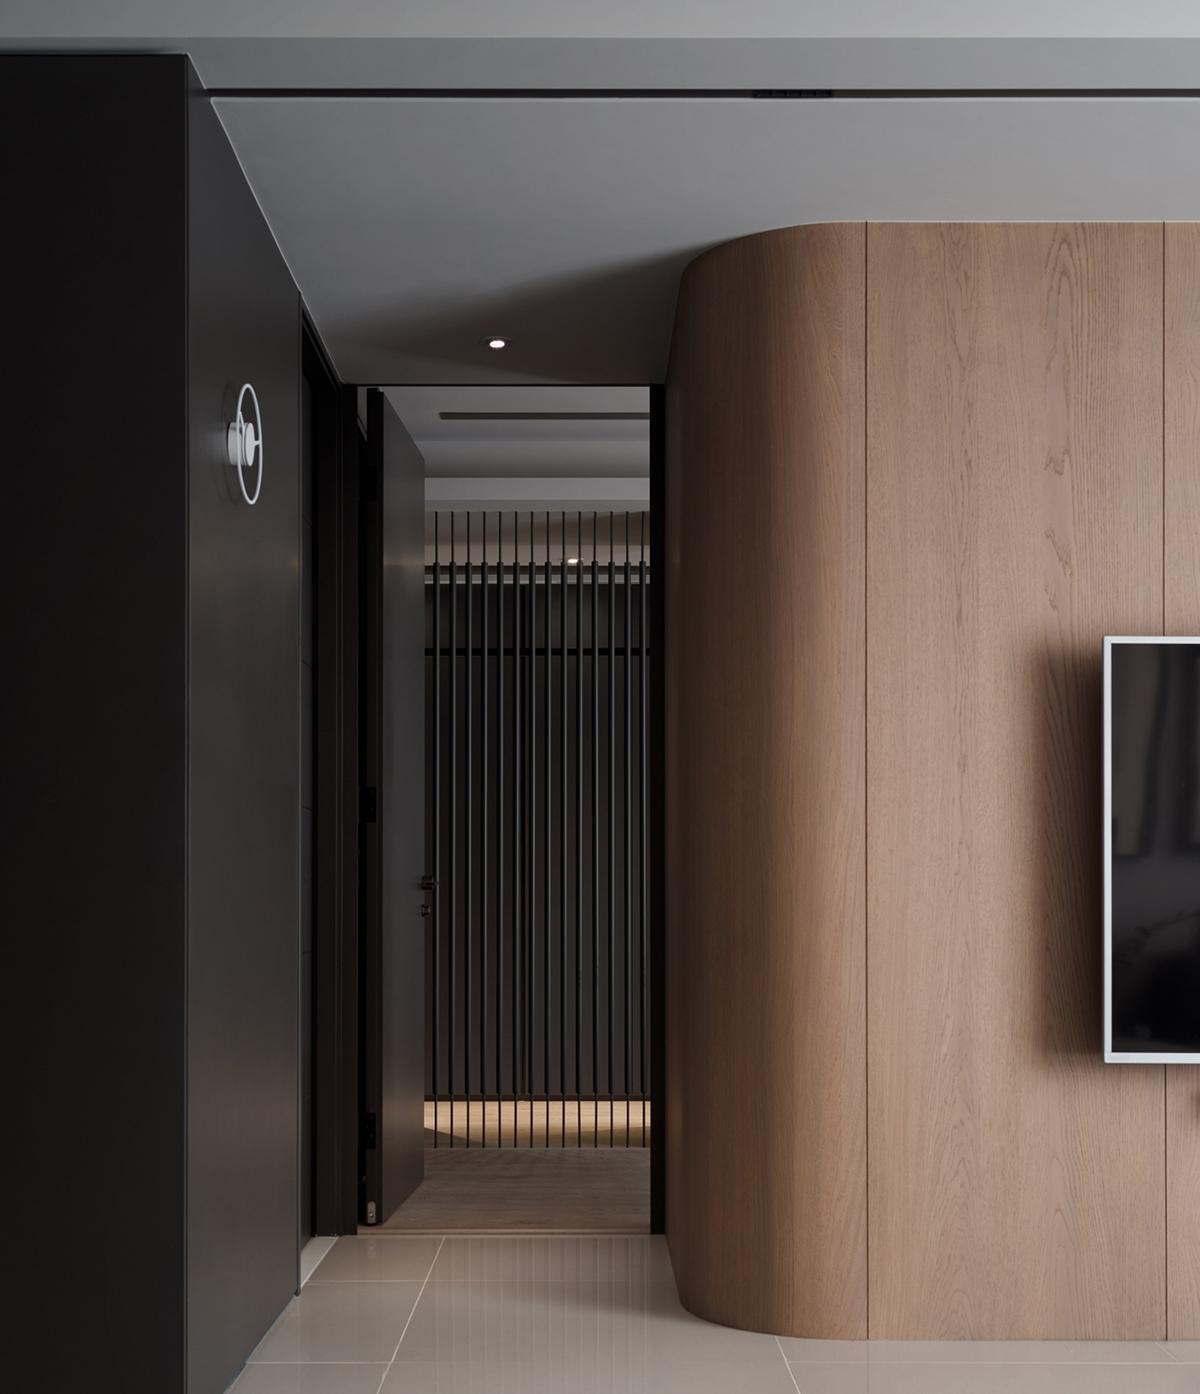 Căn hộ nhỏ tạo sự thư giãn về mặt thị giác bằng những gam màu tối đầy ấn tượng - ảnh 6